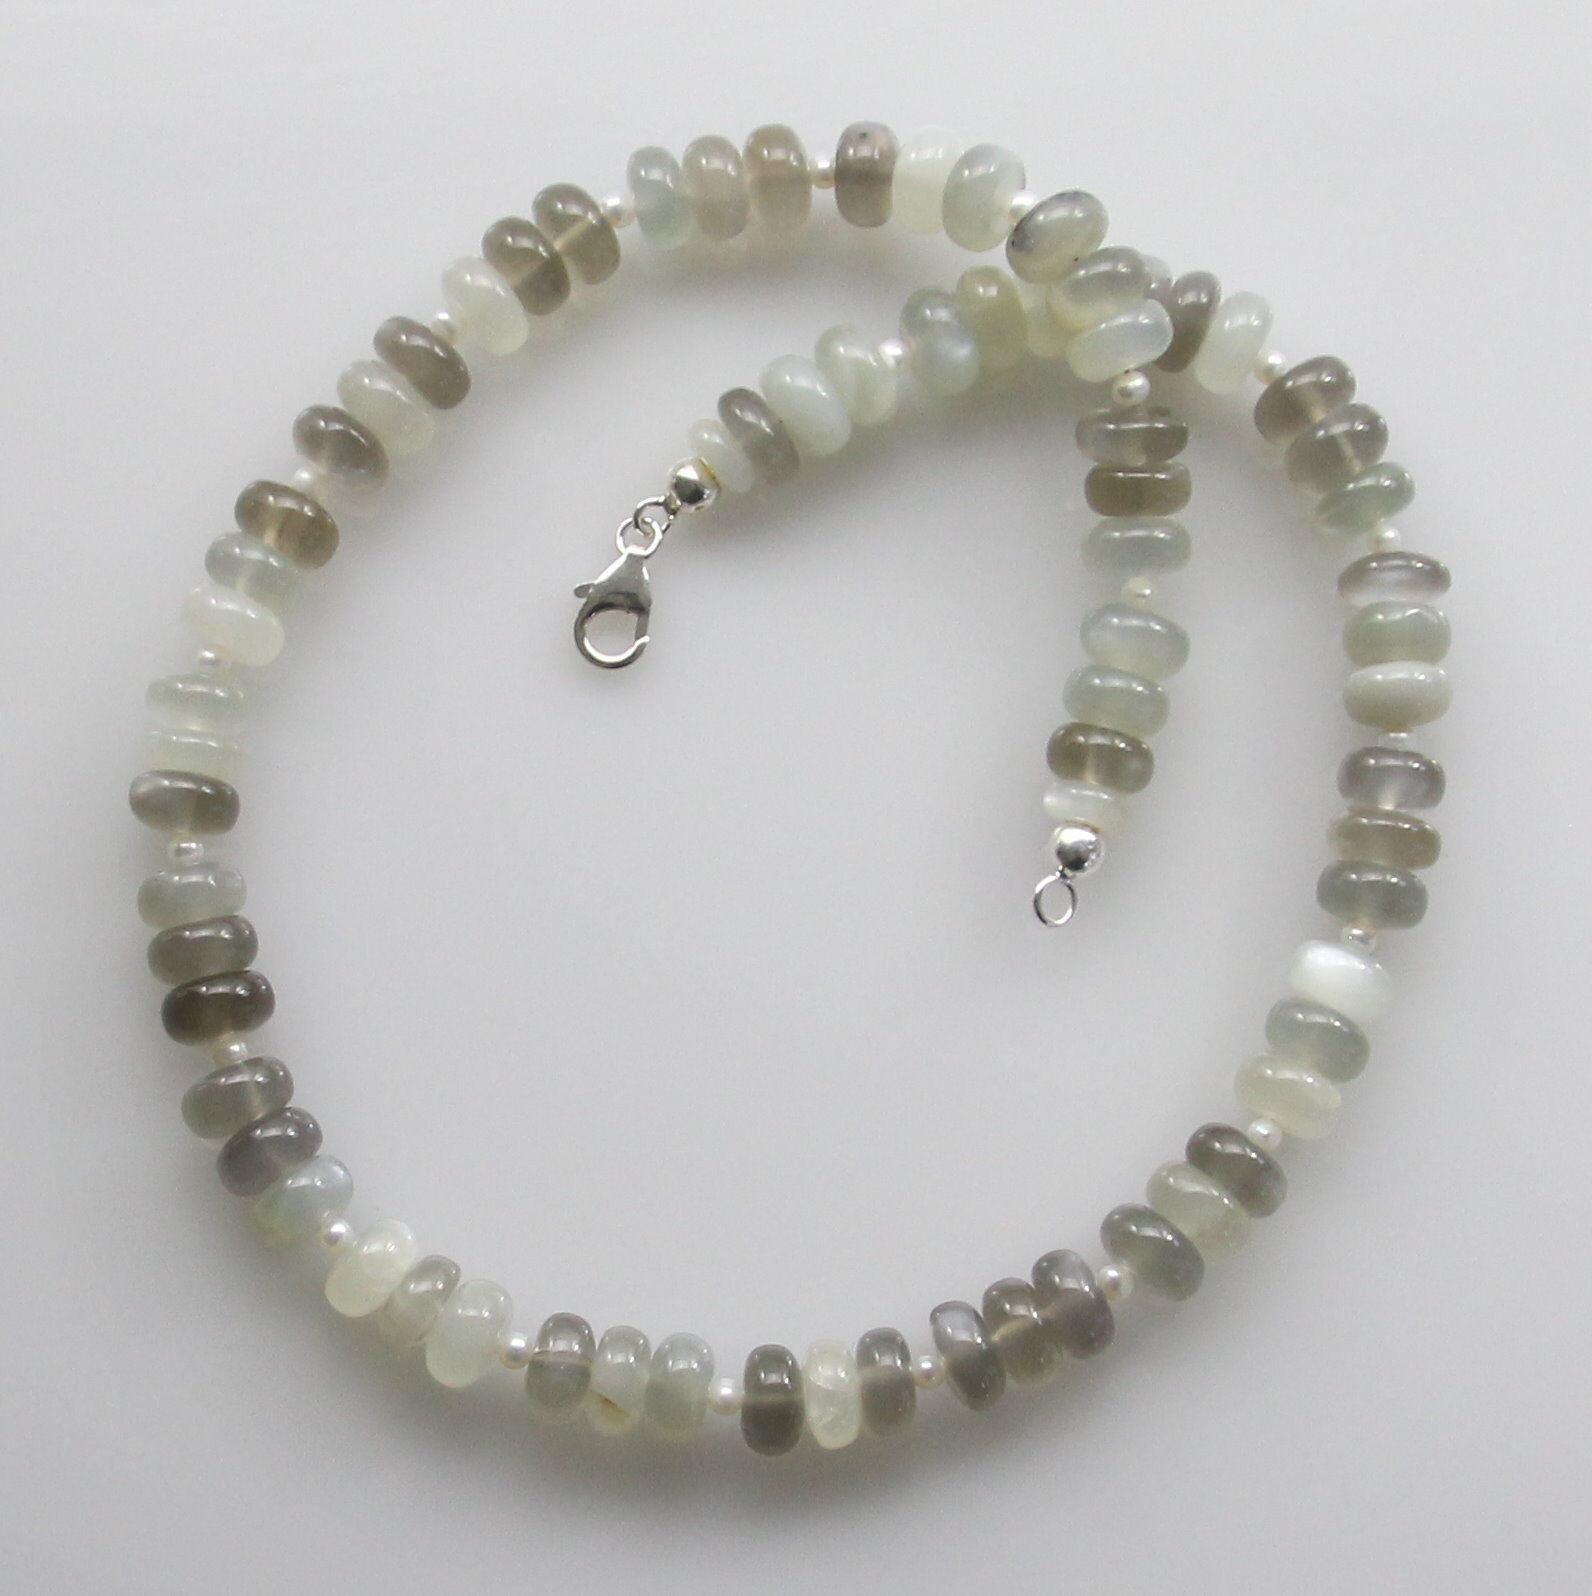 Pietra di luna catena-luna pietre RONDELLE Grigio e Bianco Bianco Bianco Collana per Donna 47 5 cm 7355ea